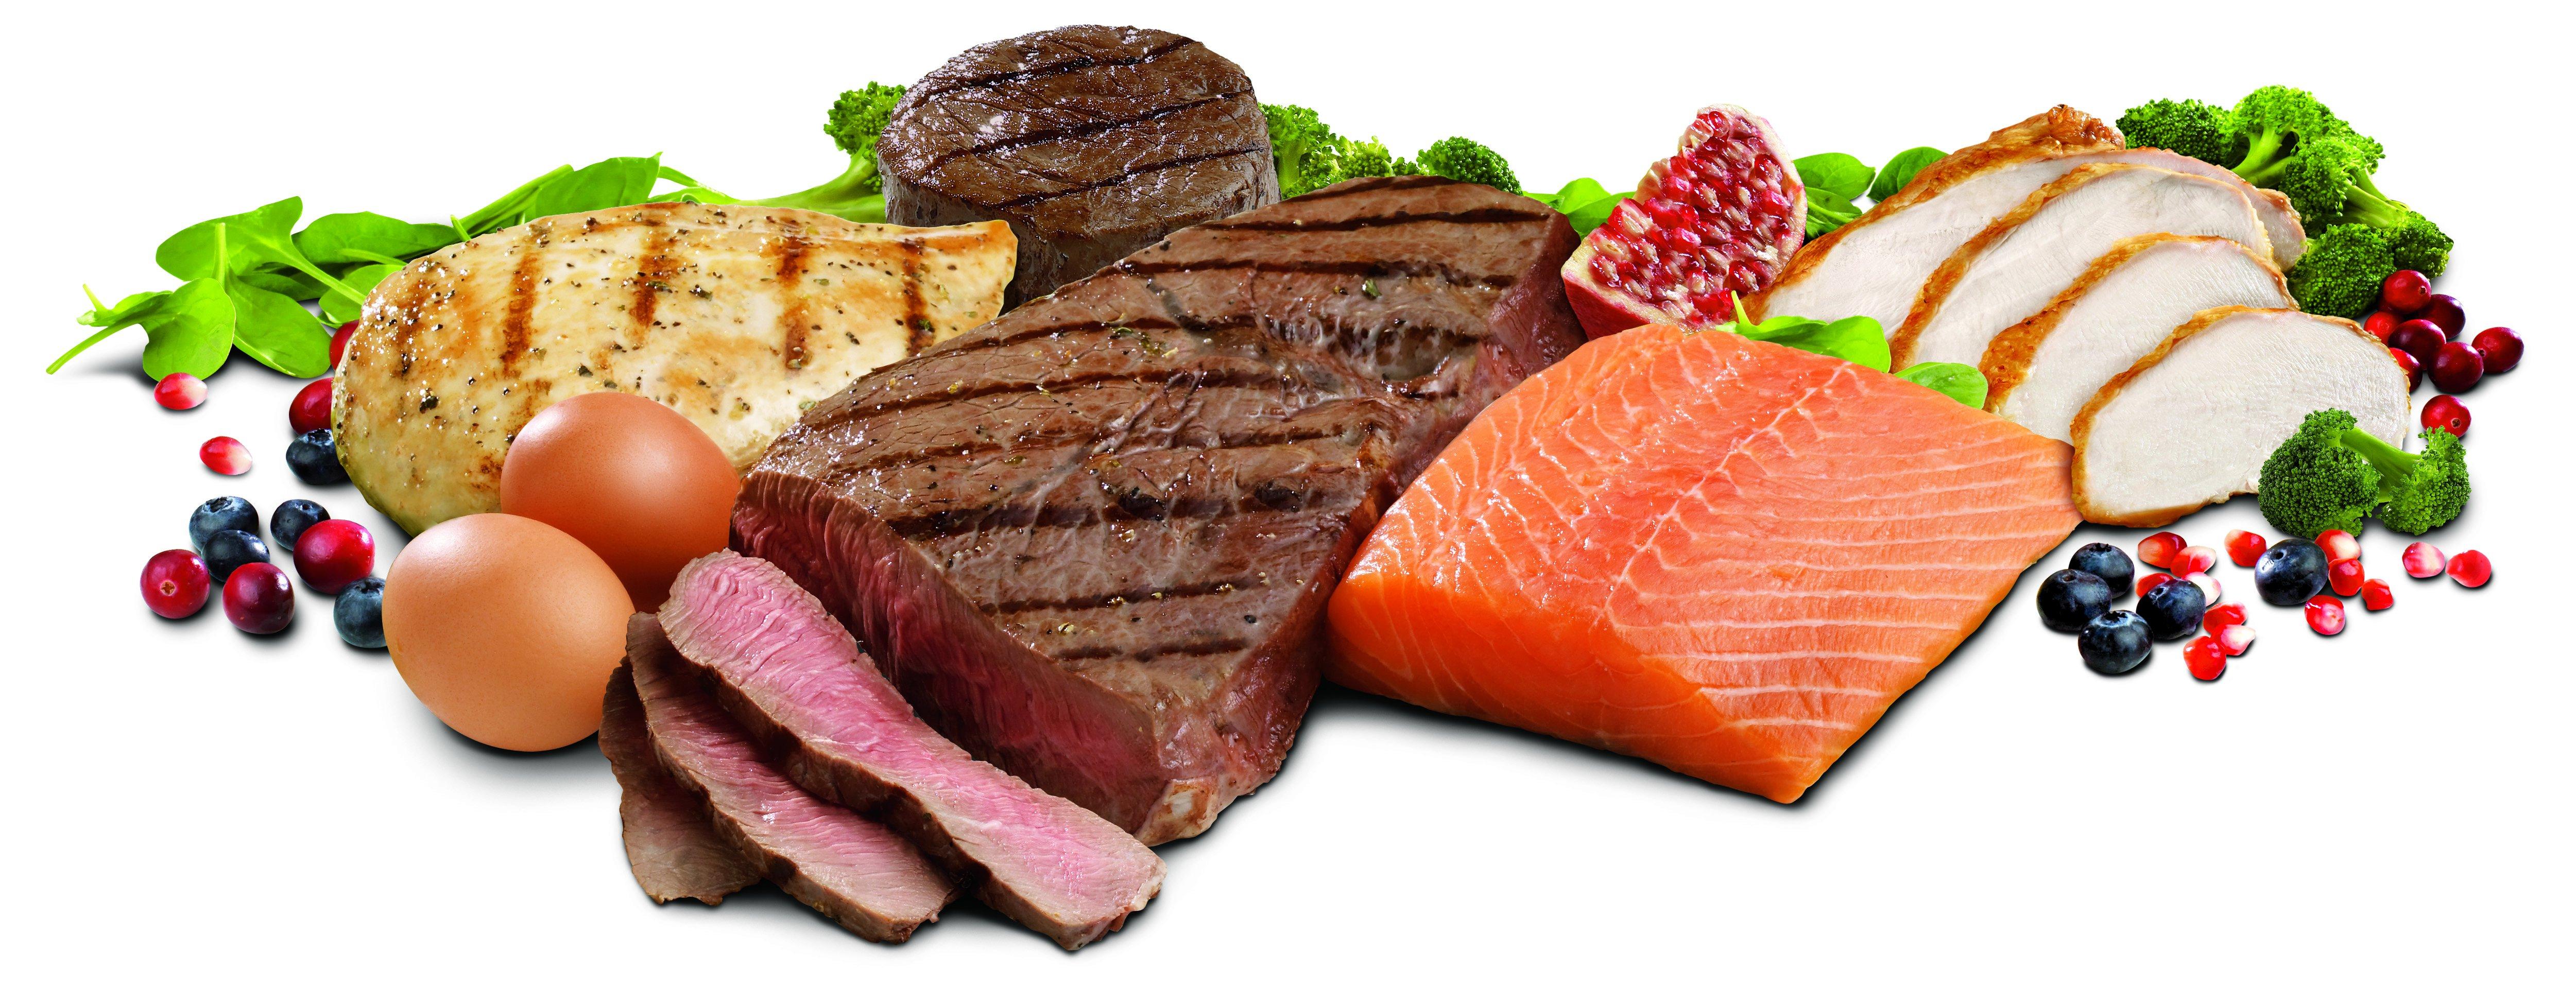 30g de proteína